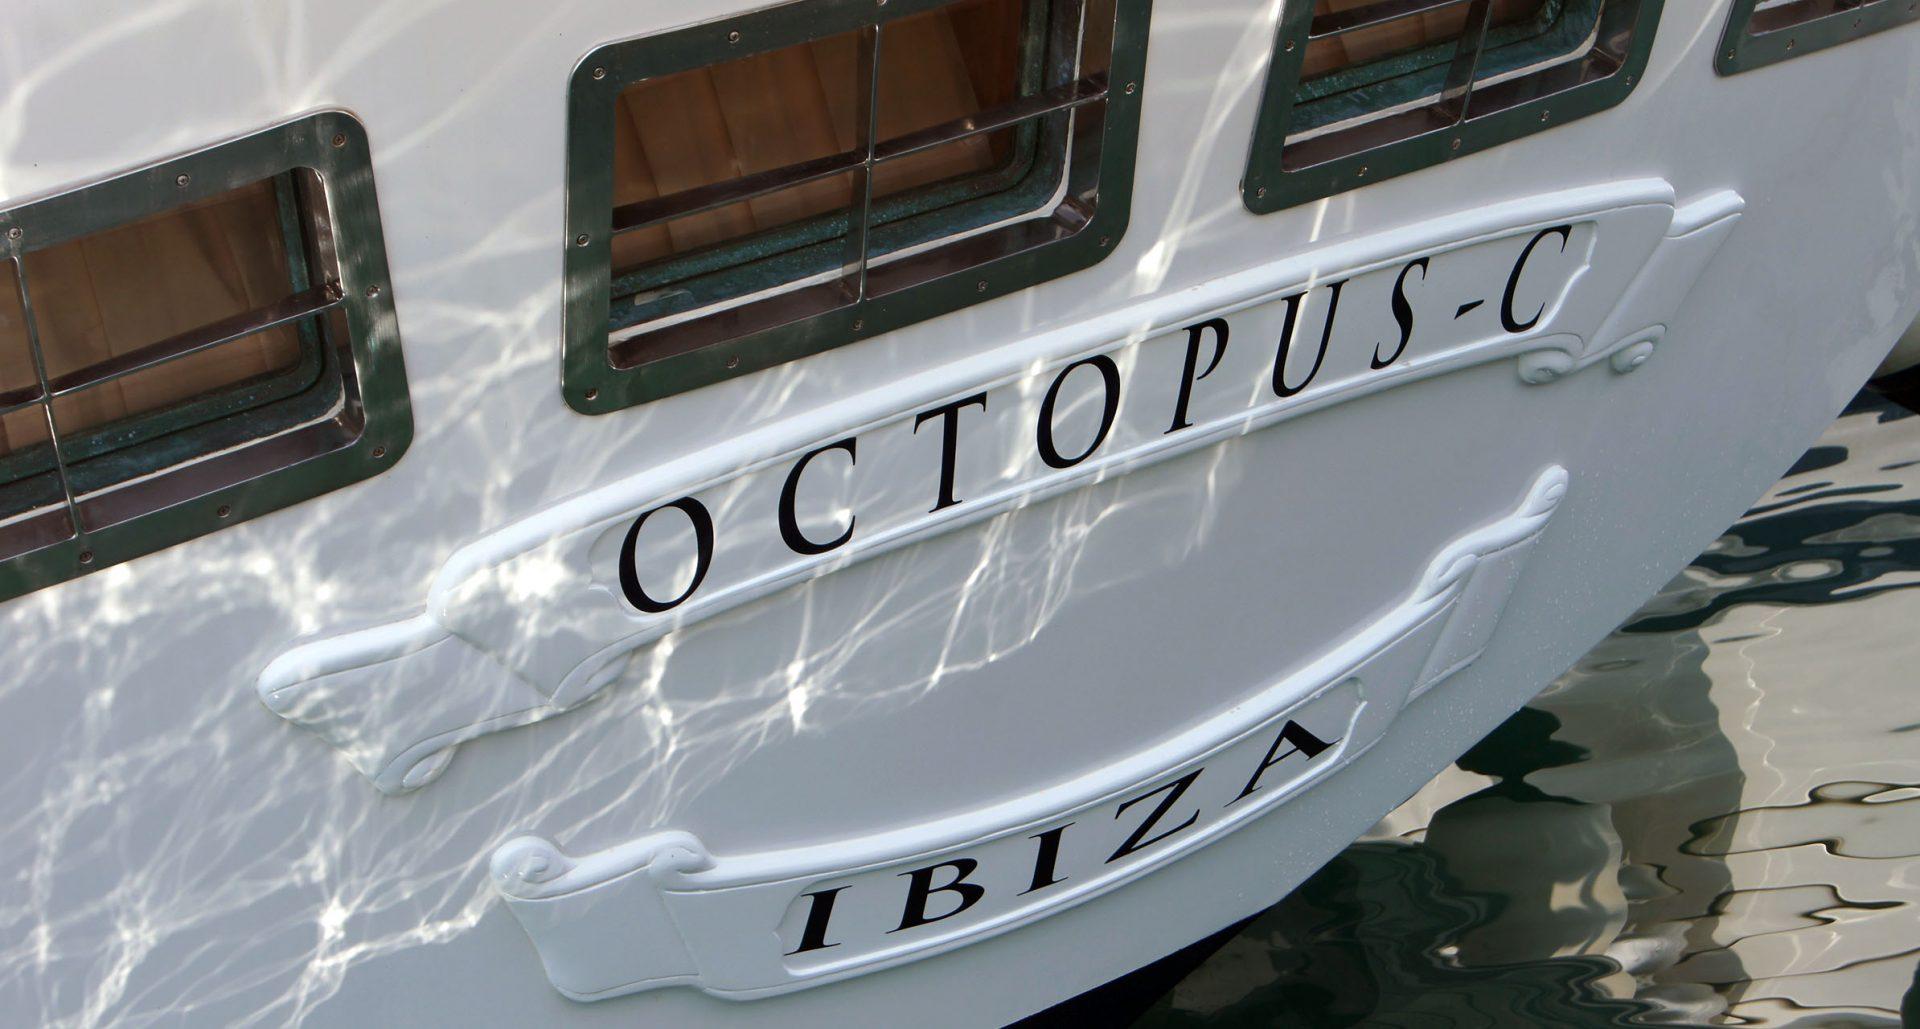 OctopusC-7.jpg